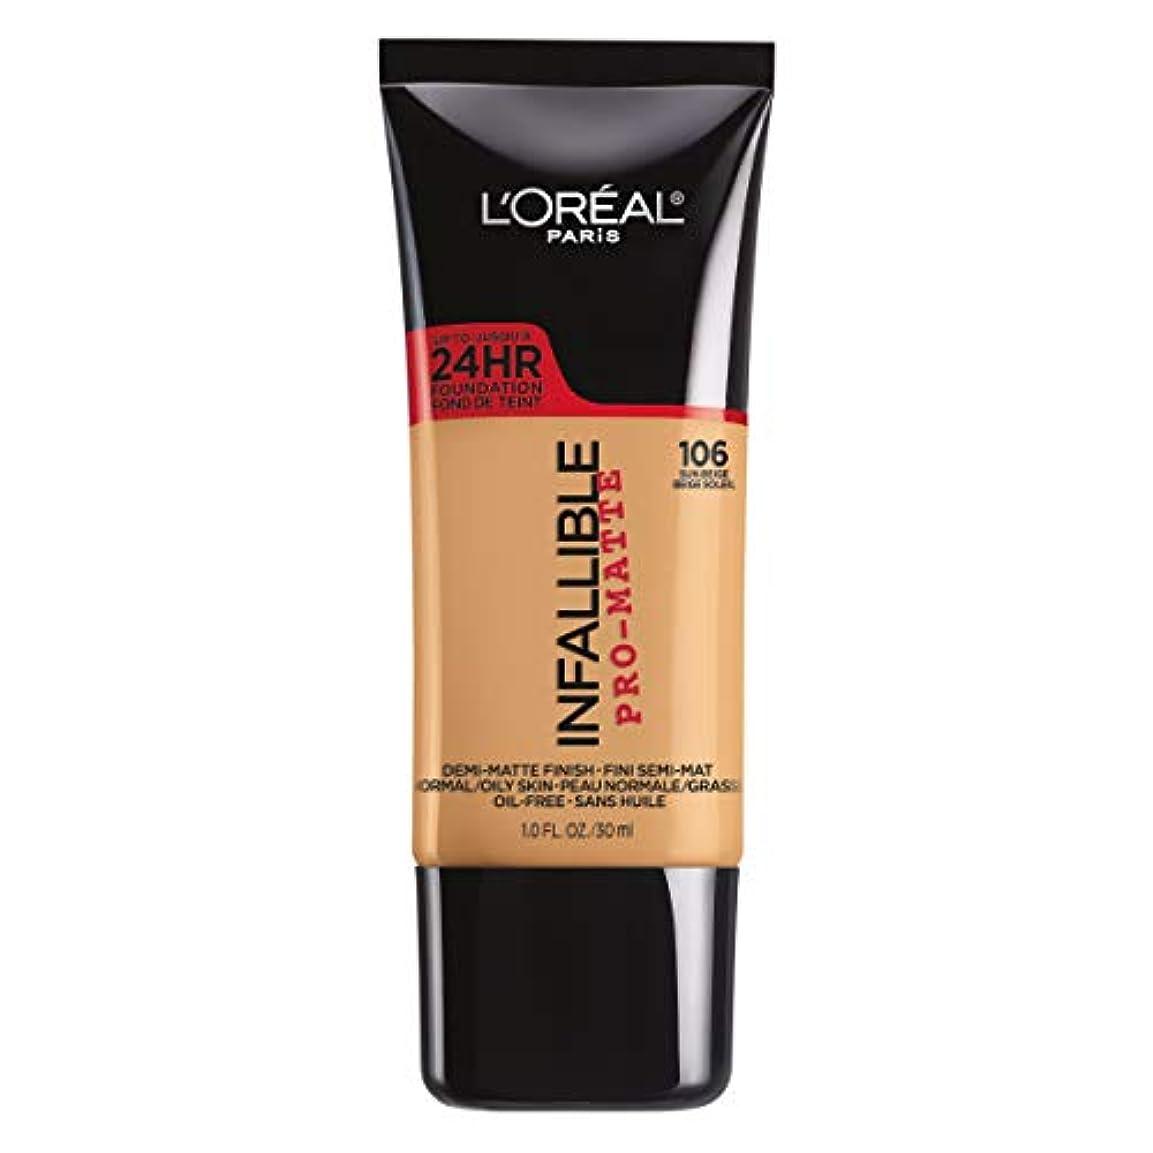 バランスのとれた格差定義するL'Oreal Paris Infallible Pro-Matte Foundation Makeup, 106 Sun Beige, 1 fl. oz[並行輸入品]